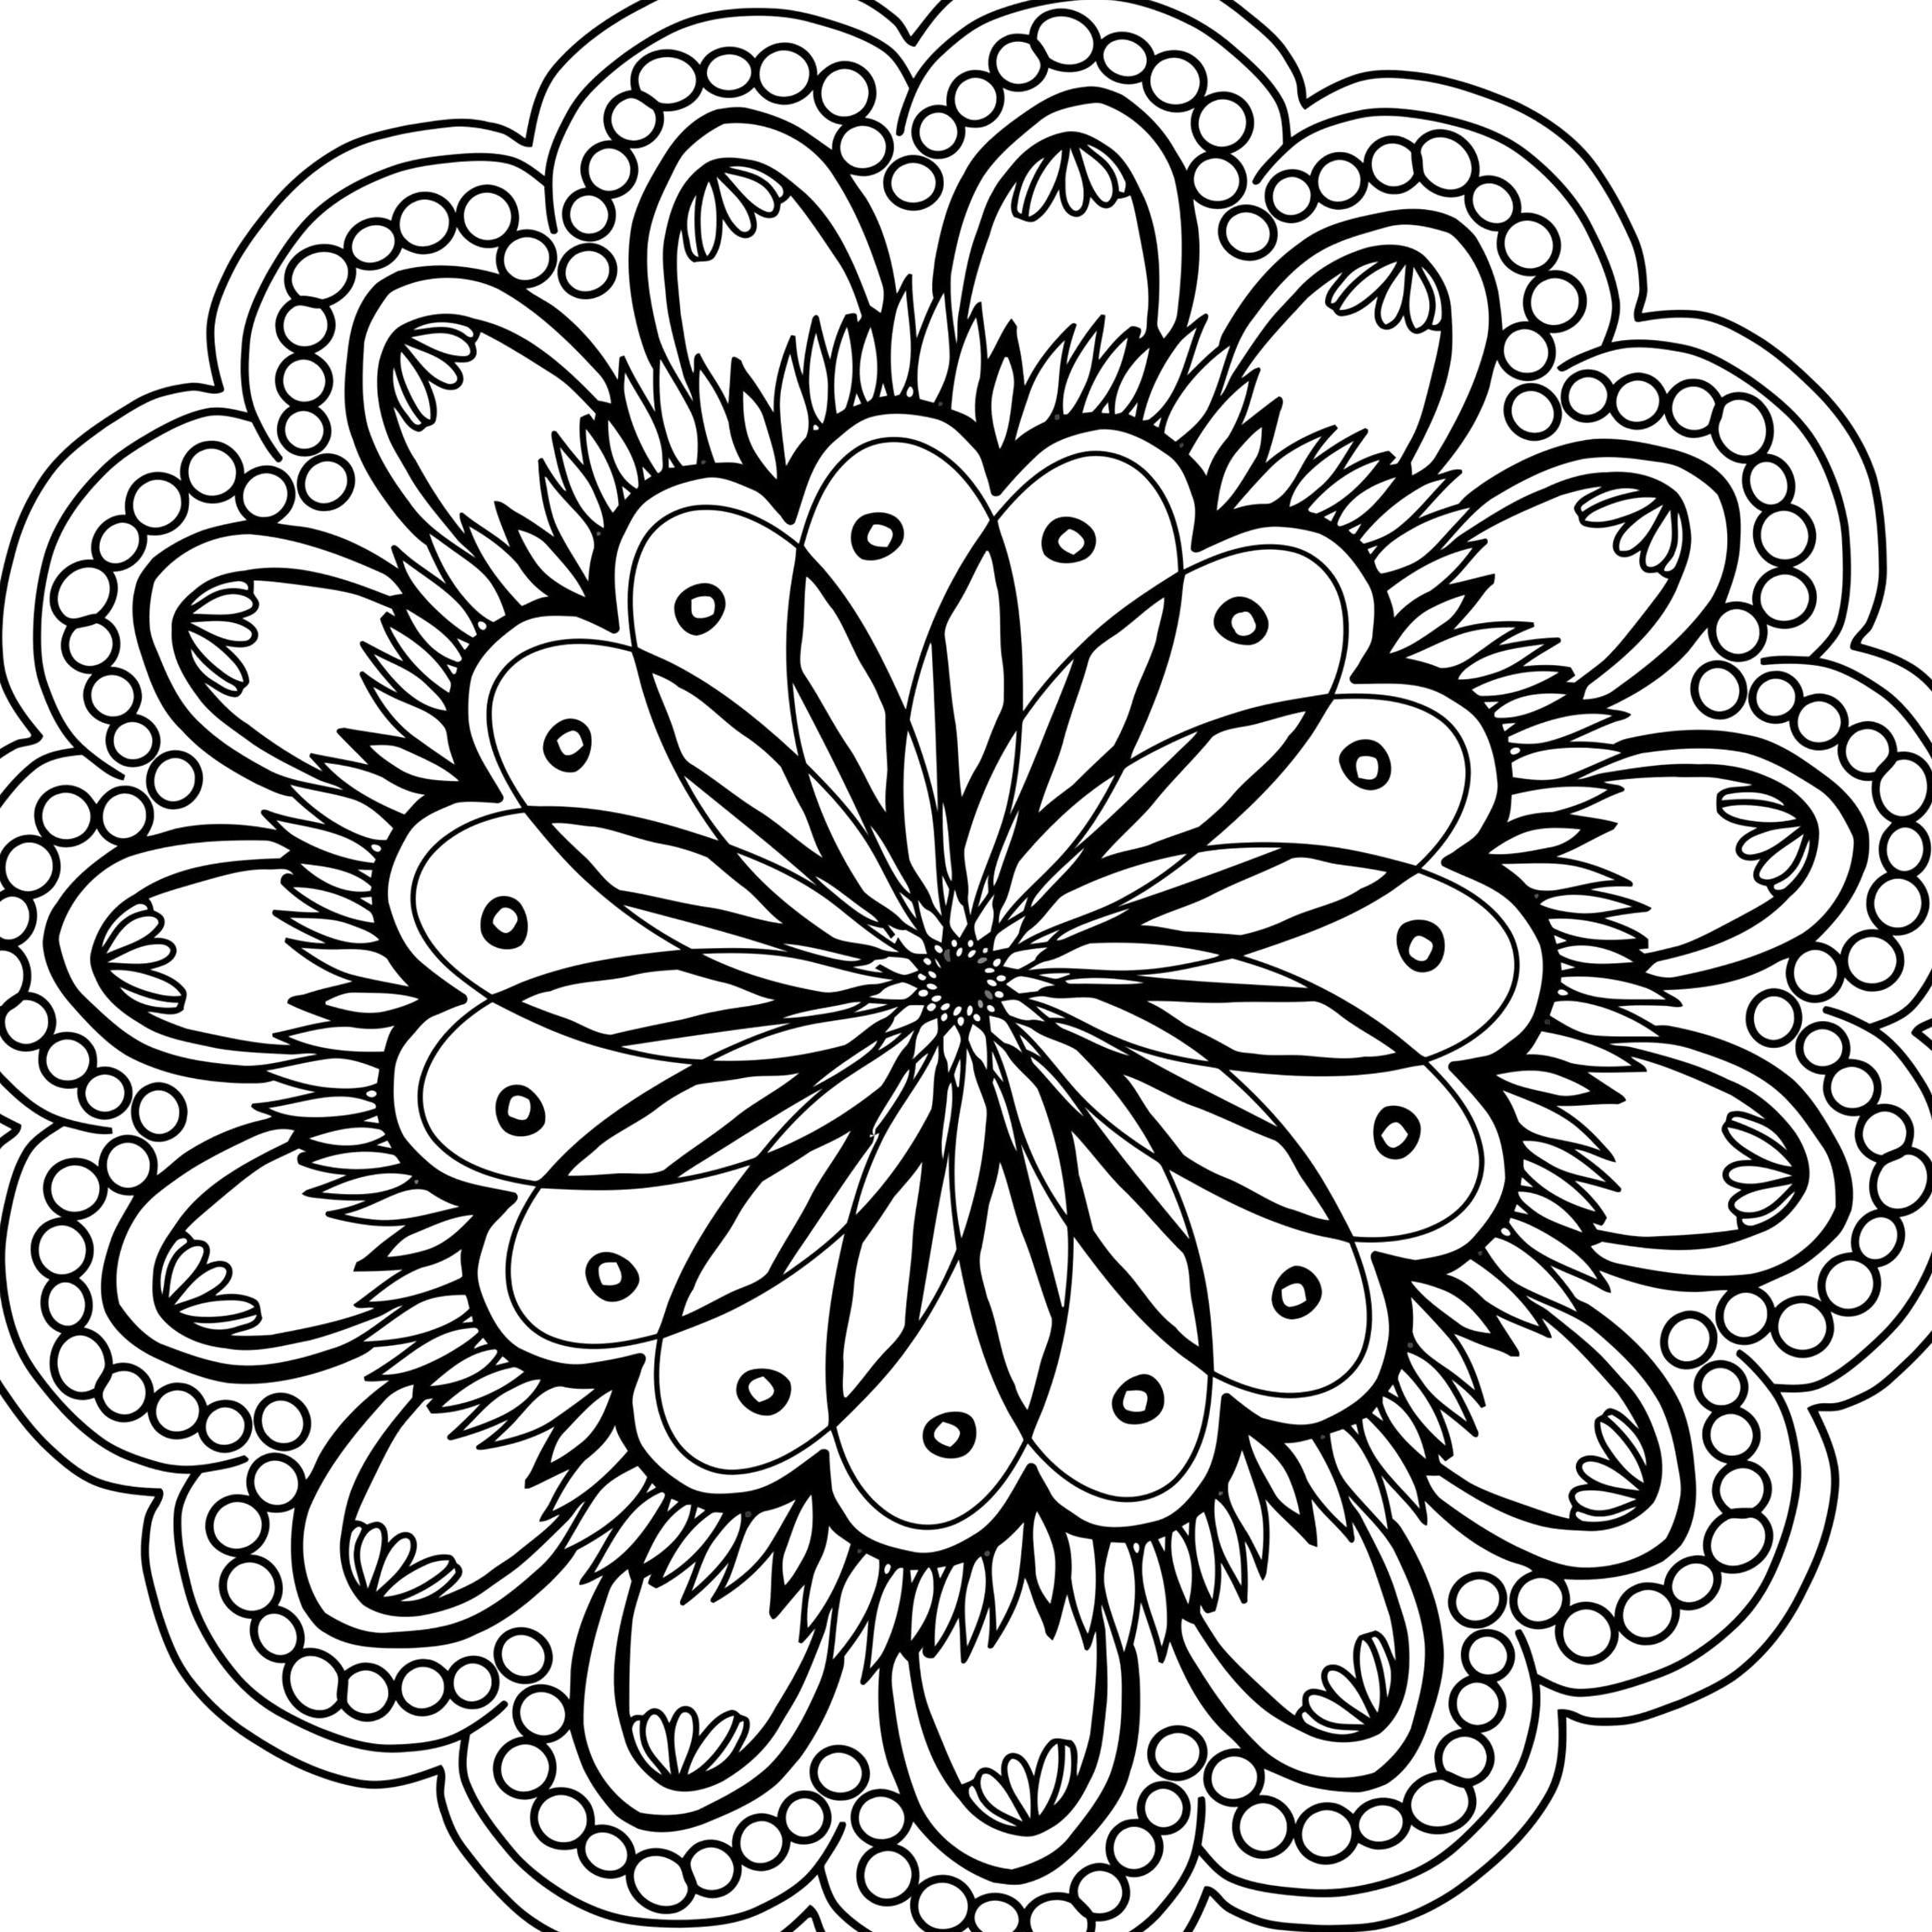 Kostenlose Mandalavorlagen Zum Herunterladen Mandala Vorlage Ausmalbilder Zeichnen Mandala Coloring Pages Mandala Coloring Books Art Journal Prompts